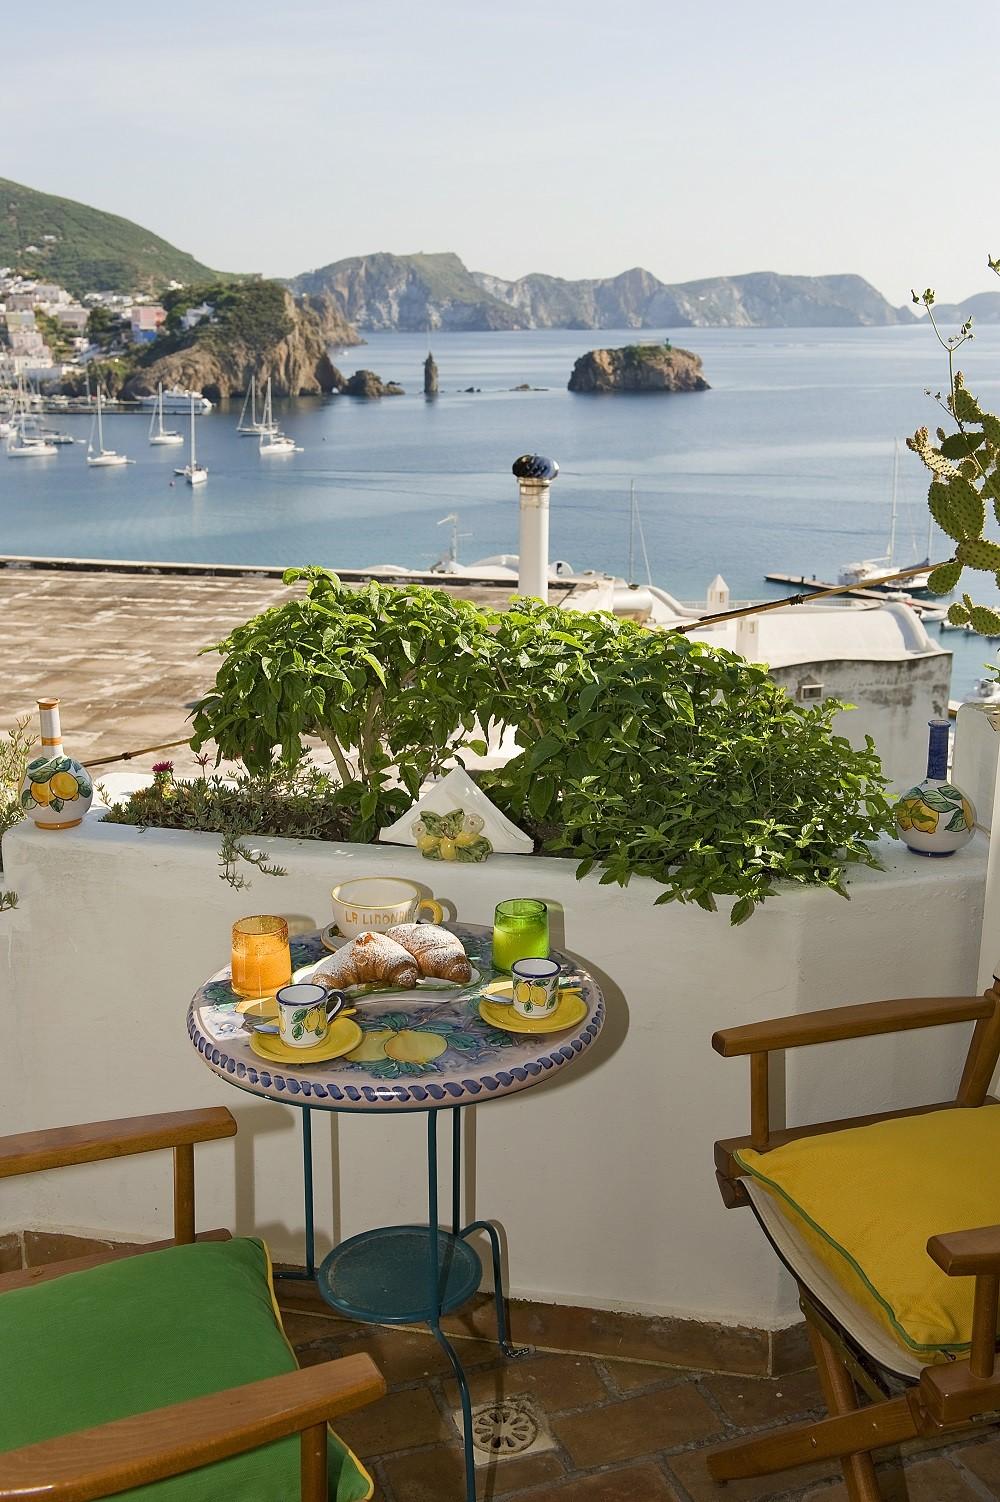 Affitto per camere in ponza b b la limonaia a mare 02 for Camere affitto